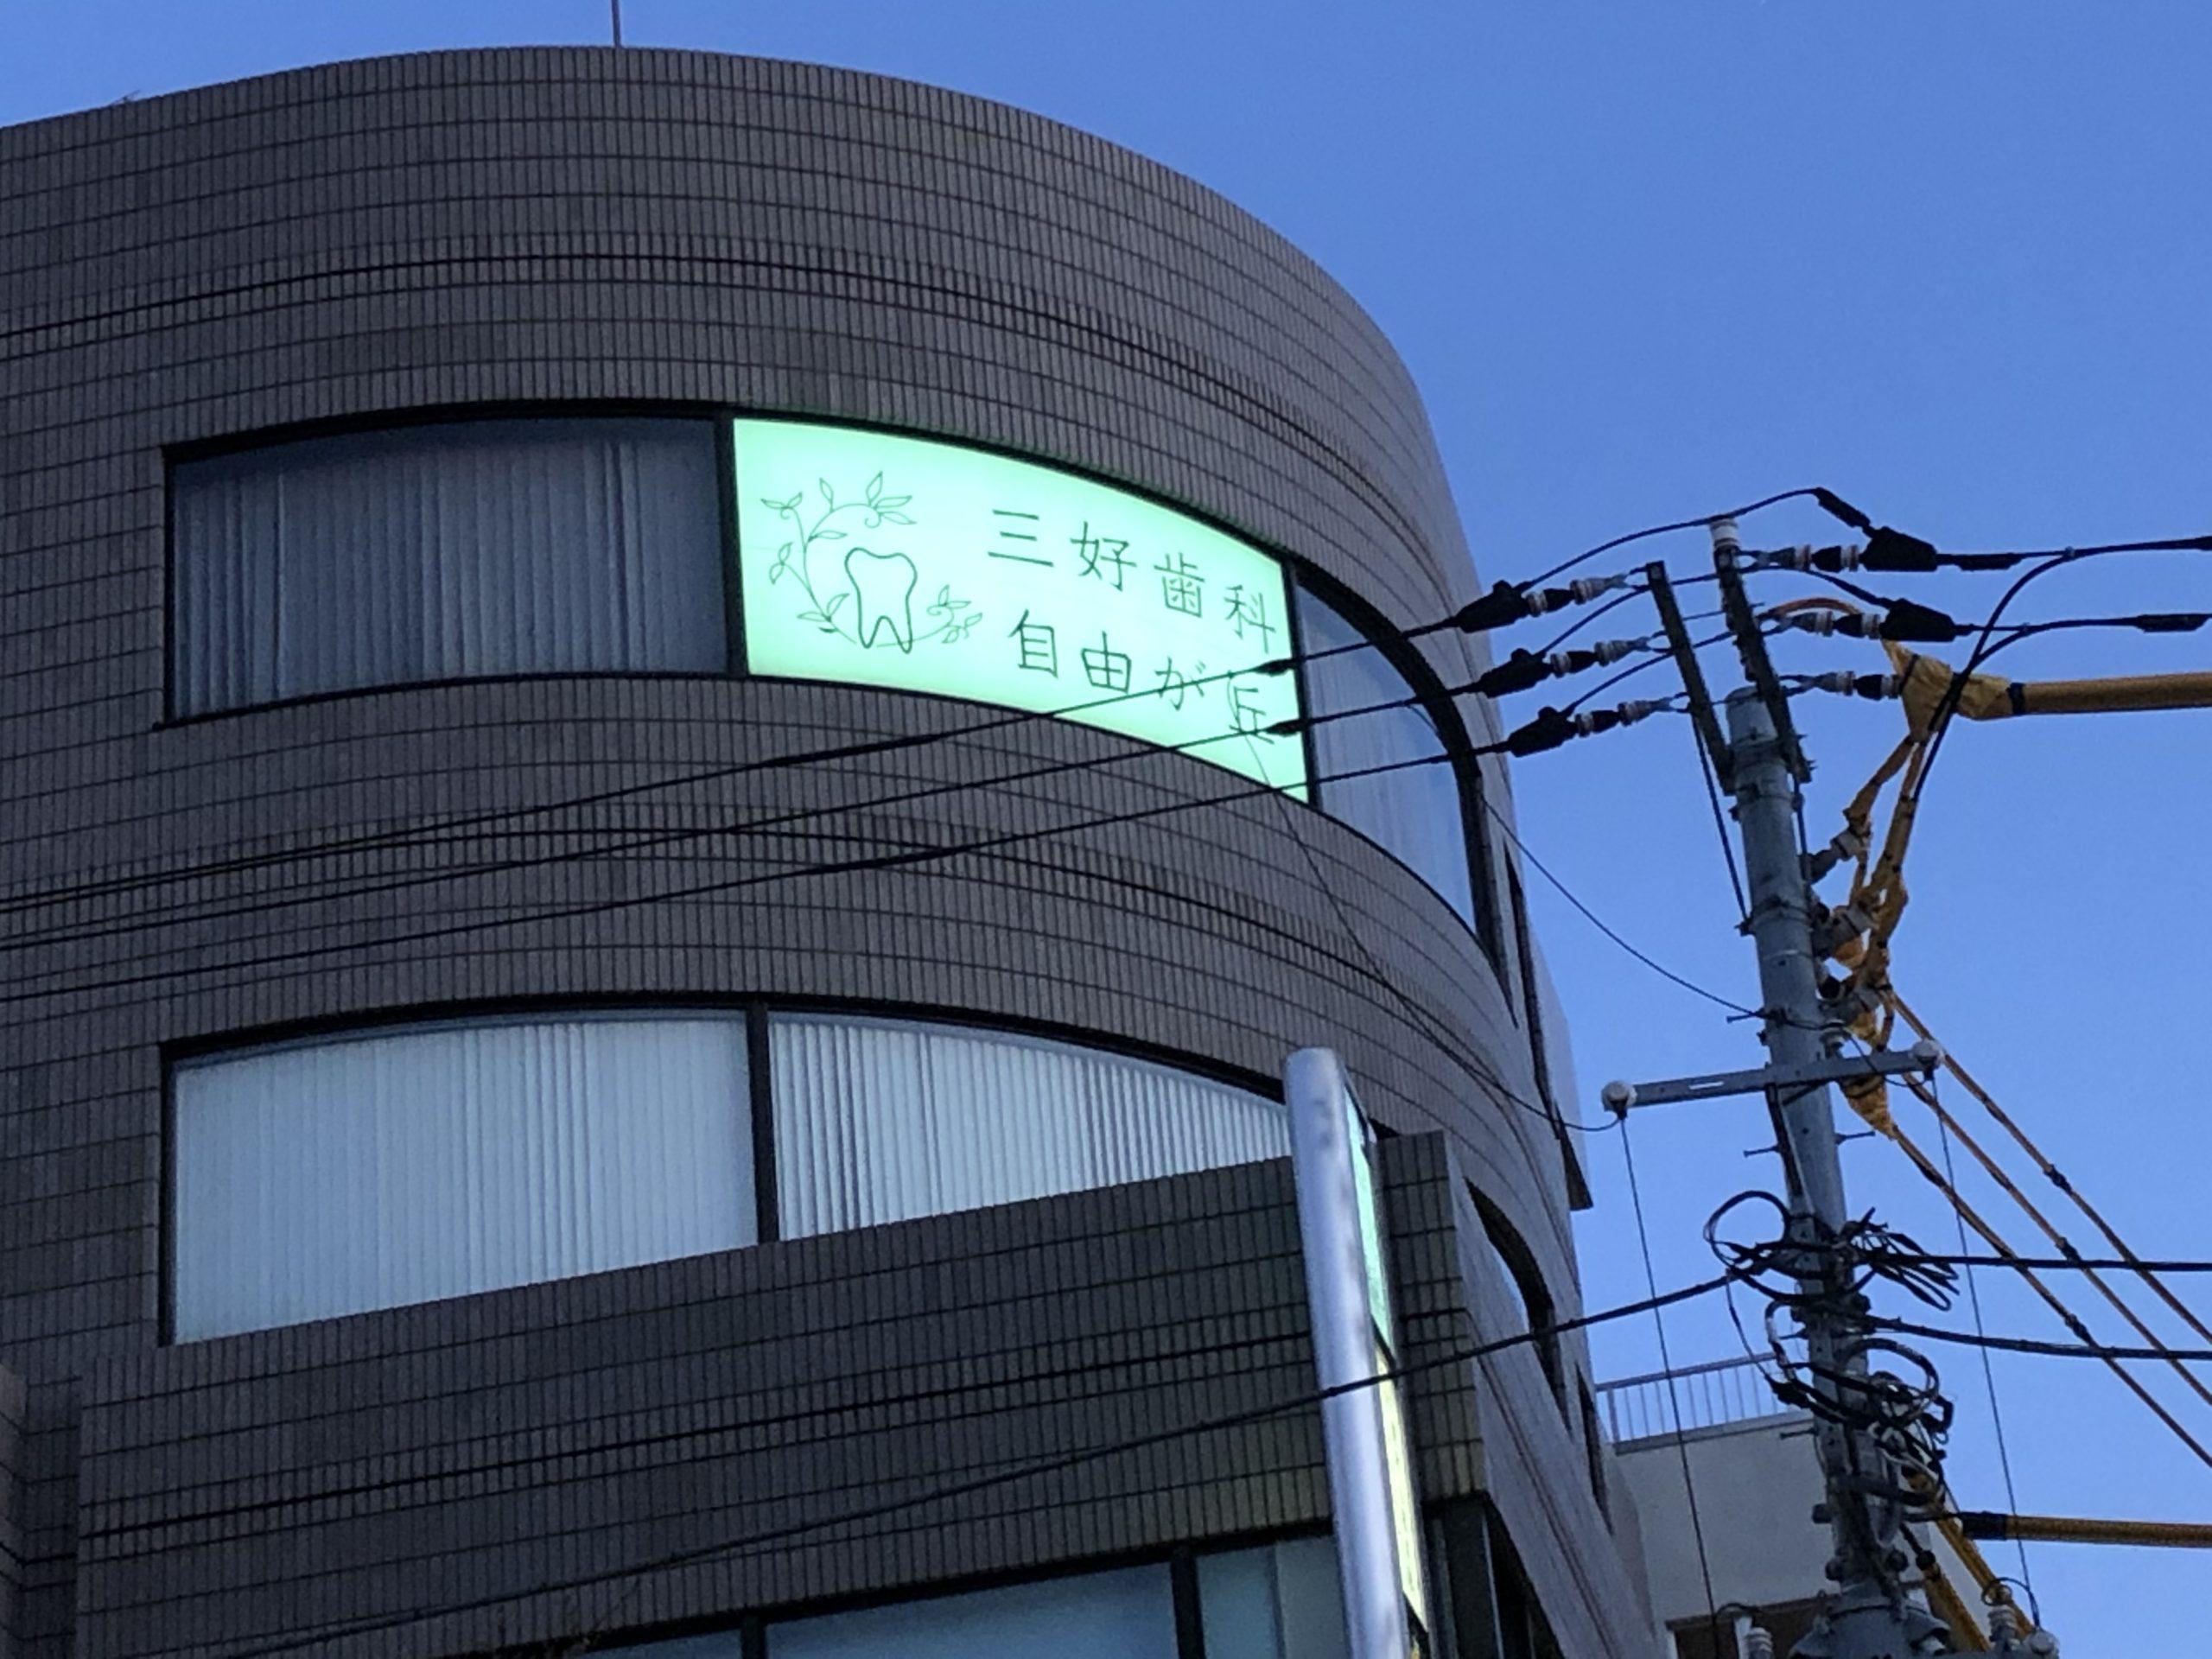 三好歯科 自由が丘のビルの窓に看板を設置しました